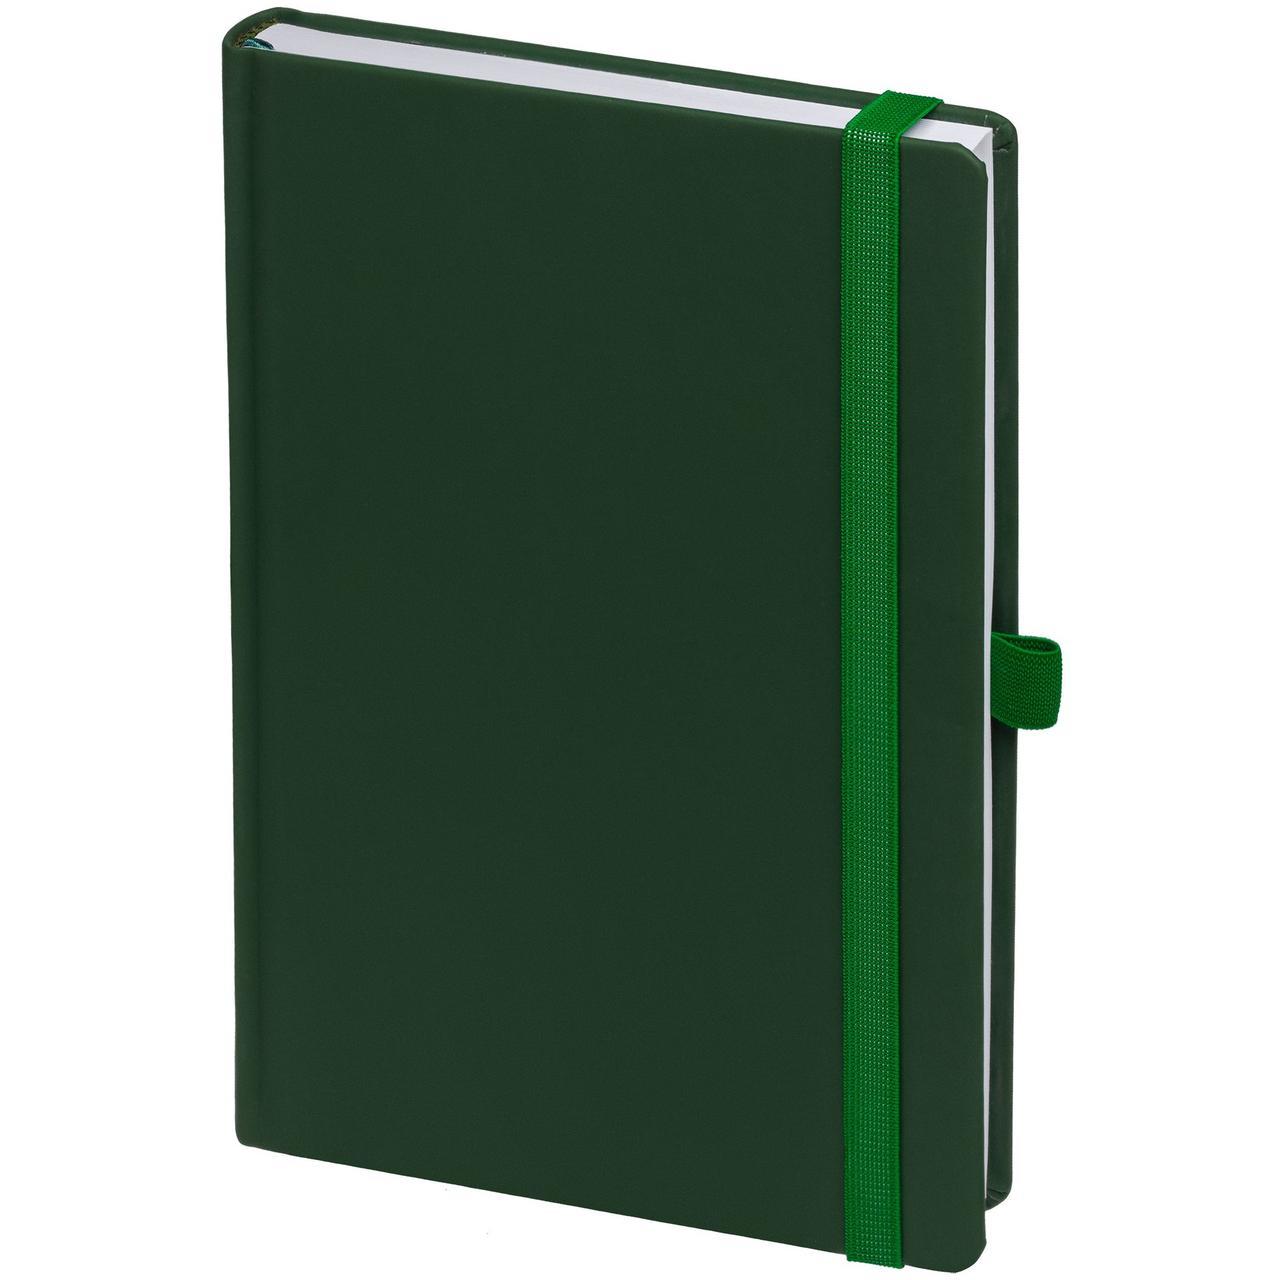 Ежедневник Favor, недатированный, зеленый (артикул 17072.90)